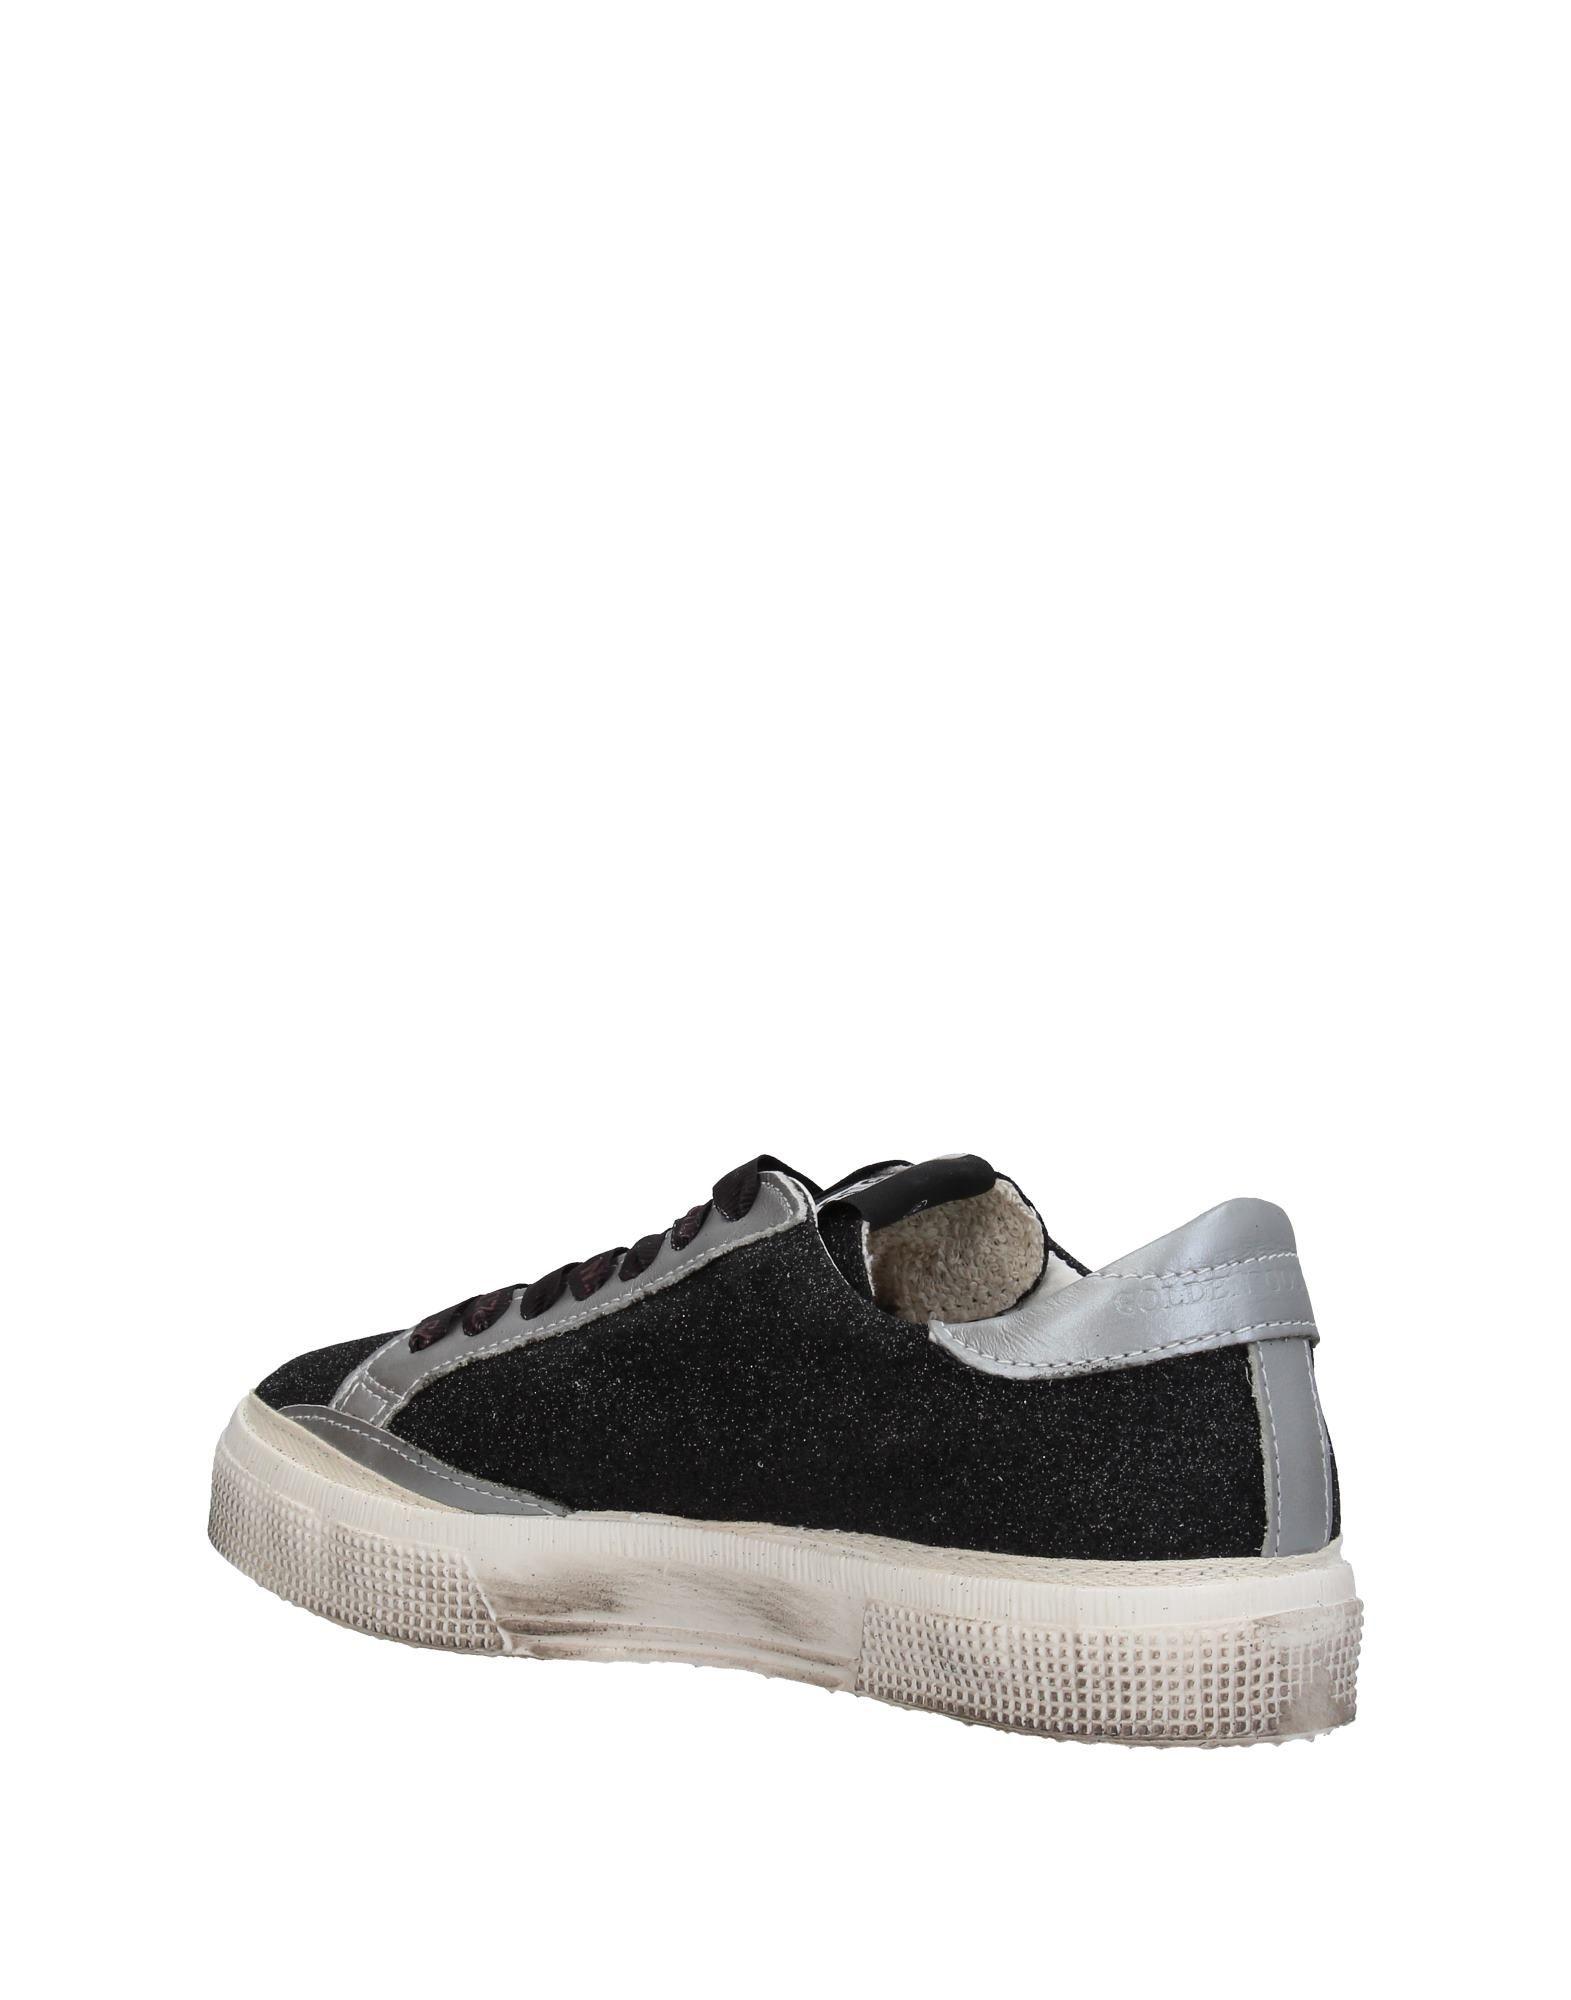 Rabatt Schuhe Golden Goose Deluxe Brand Sneakers  Damen  Sneakers 11374499WV c00e82